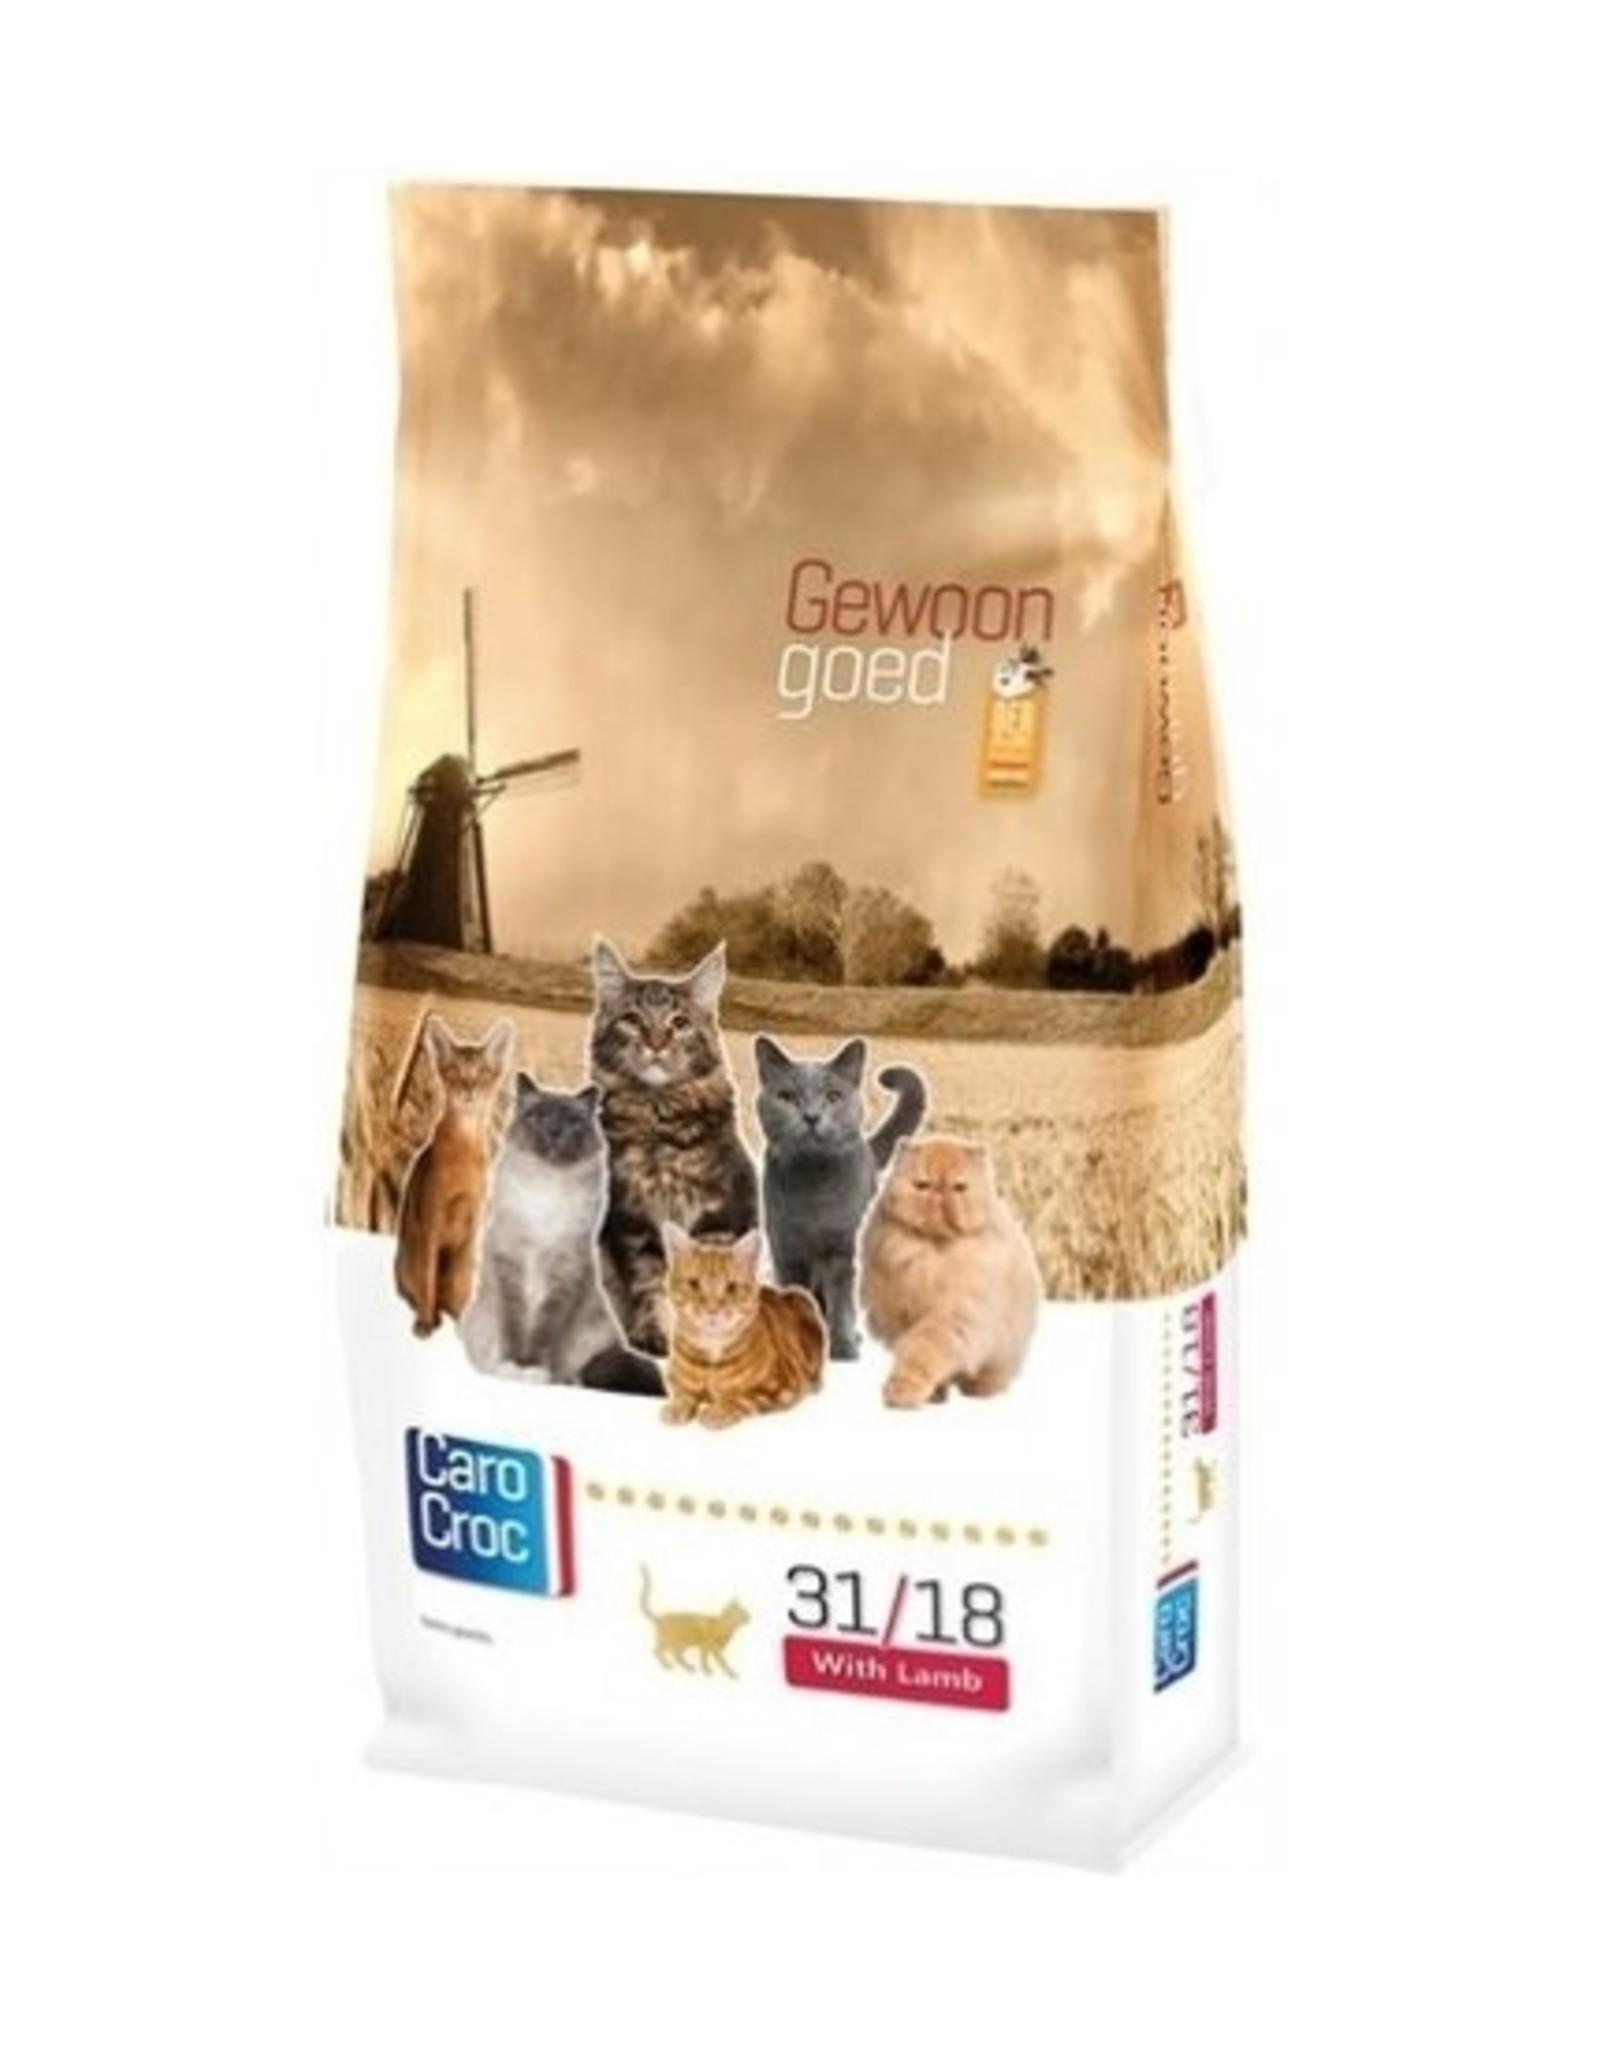 Sanimed Sanimed Carocroc Feline 31/18 Lamb Riz 15kg